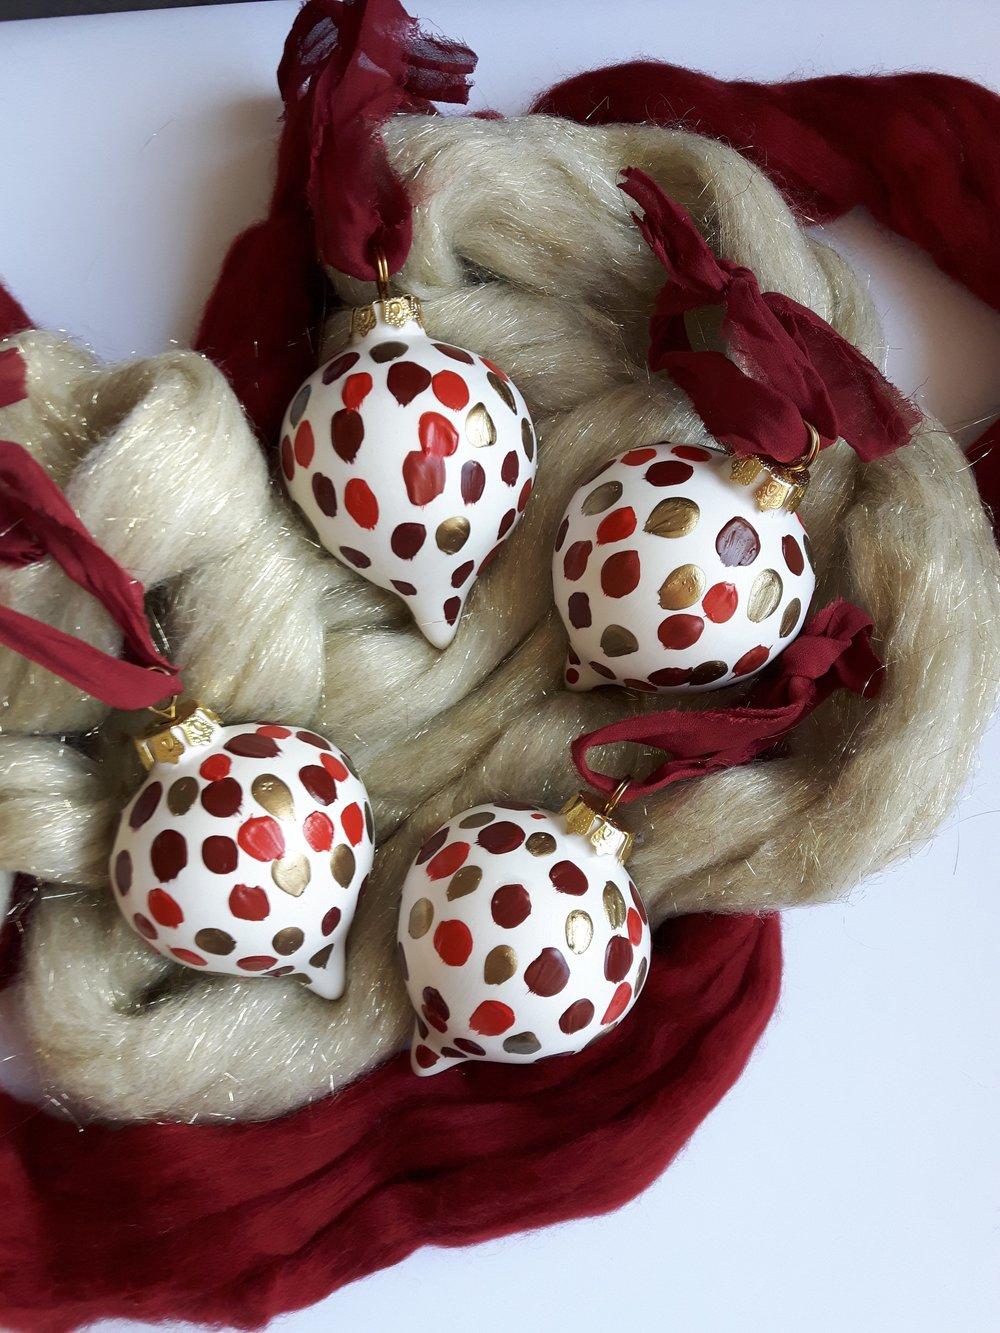 Noel Oblong Ornament - $25.00